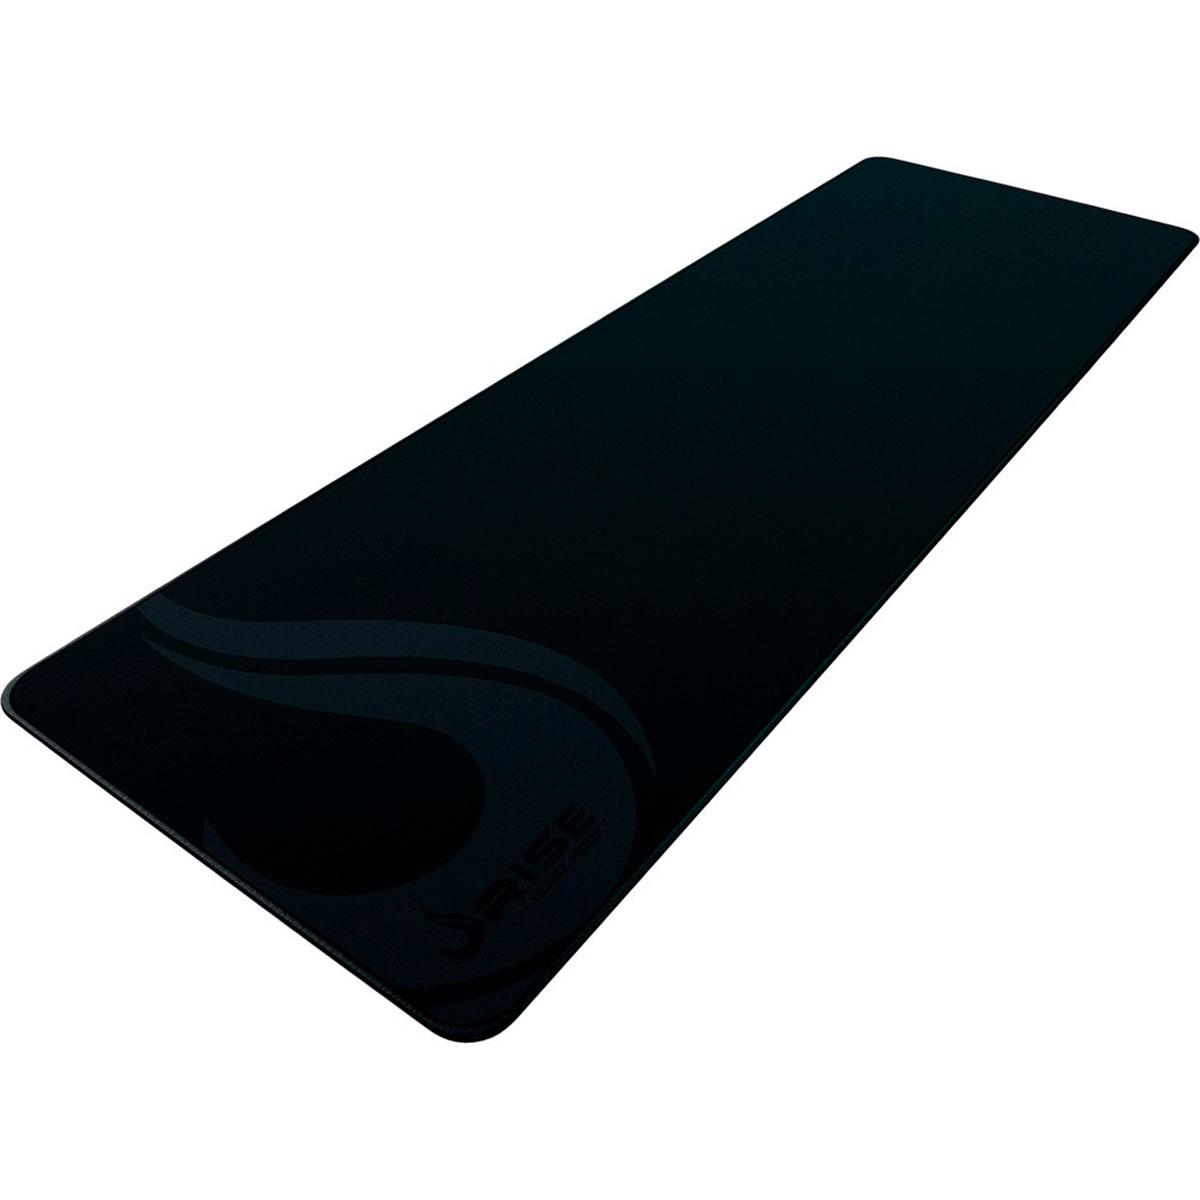 Mouse Pad Gamer Rise Mode Full Black RG-MP-06-FBK